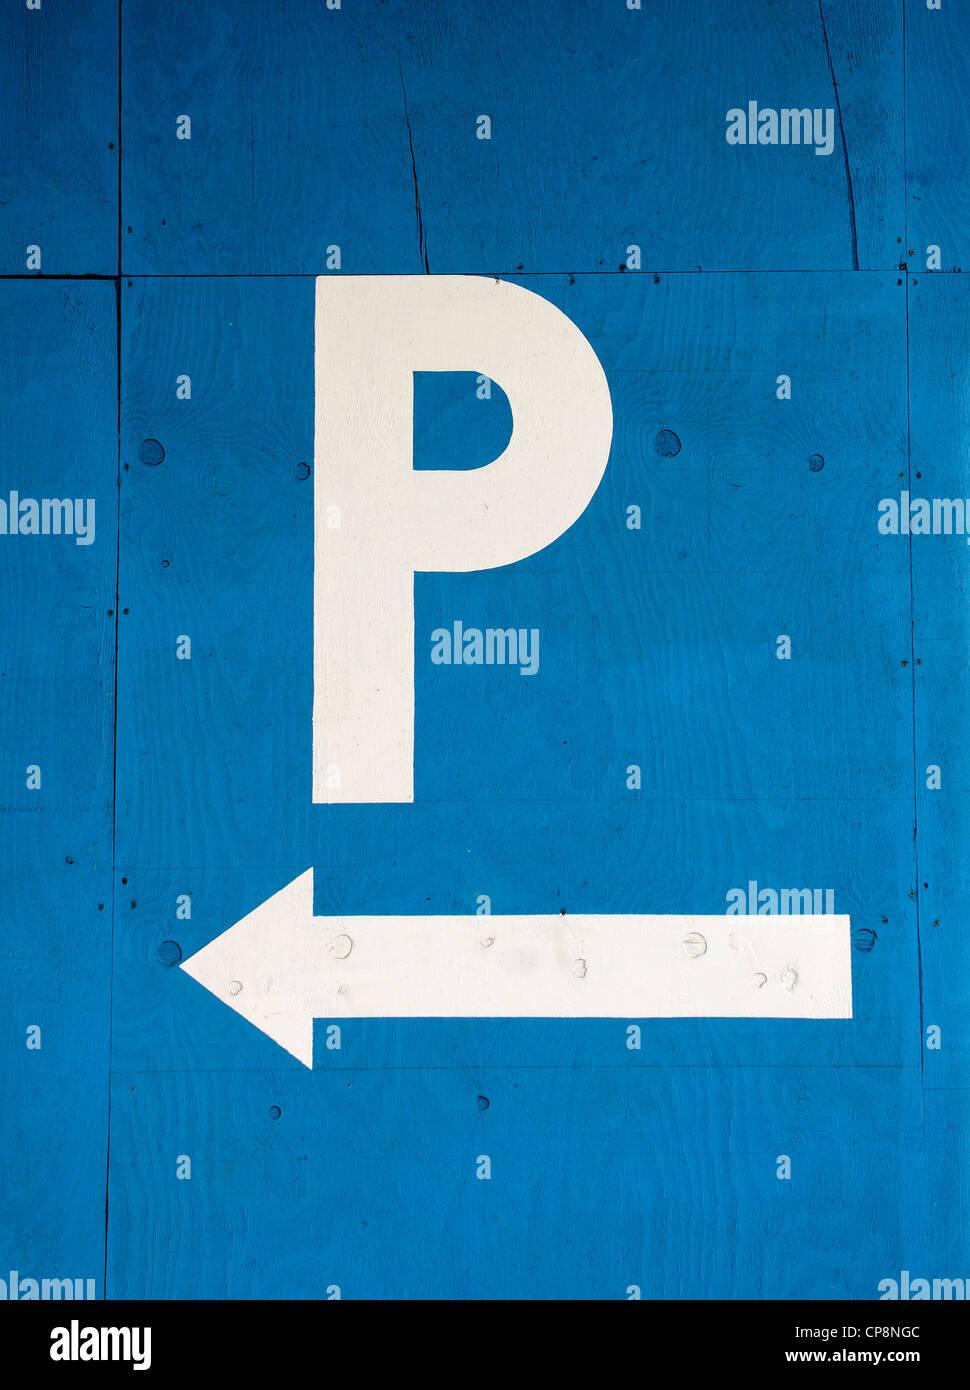 Un ' P ' señal de estacionamiento sobre un fondo azul. Imagen De Stock